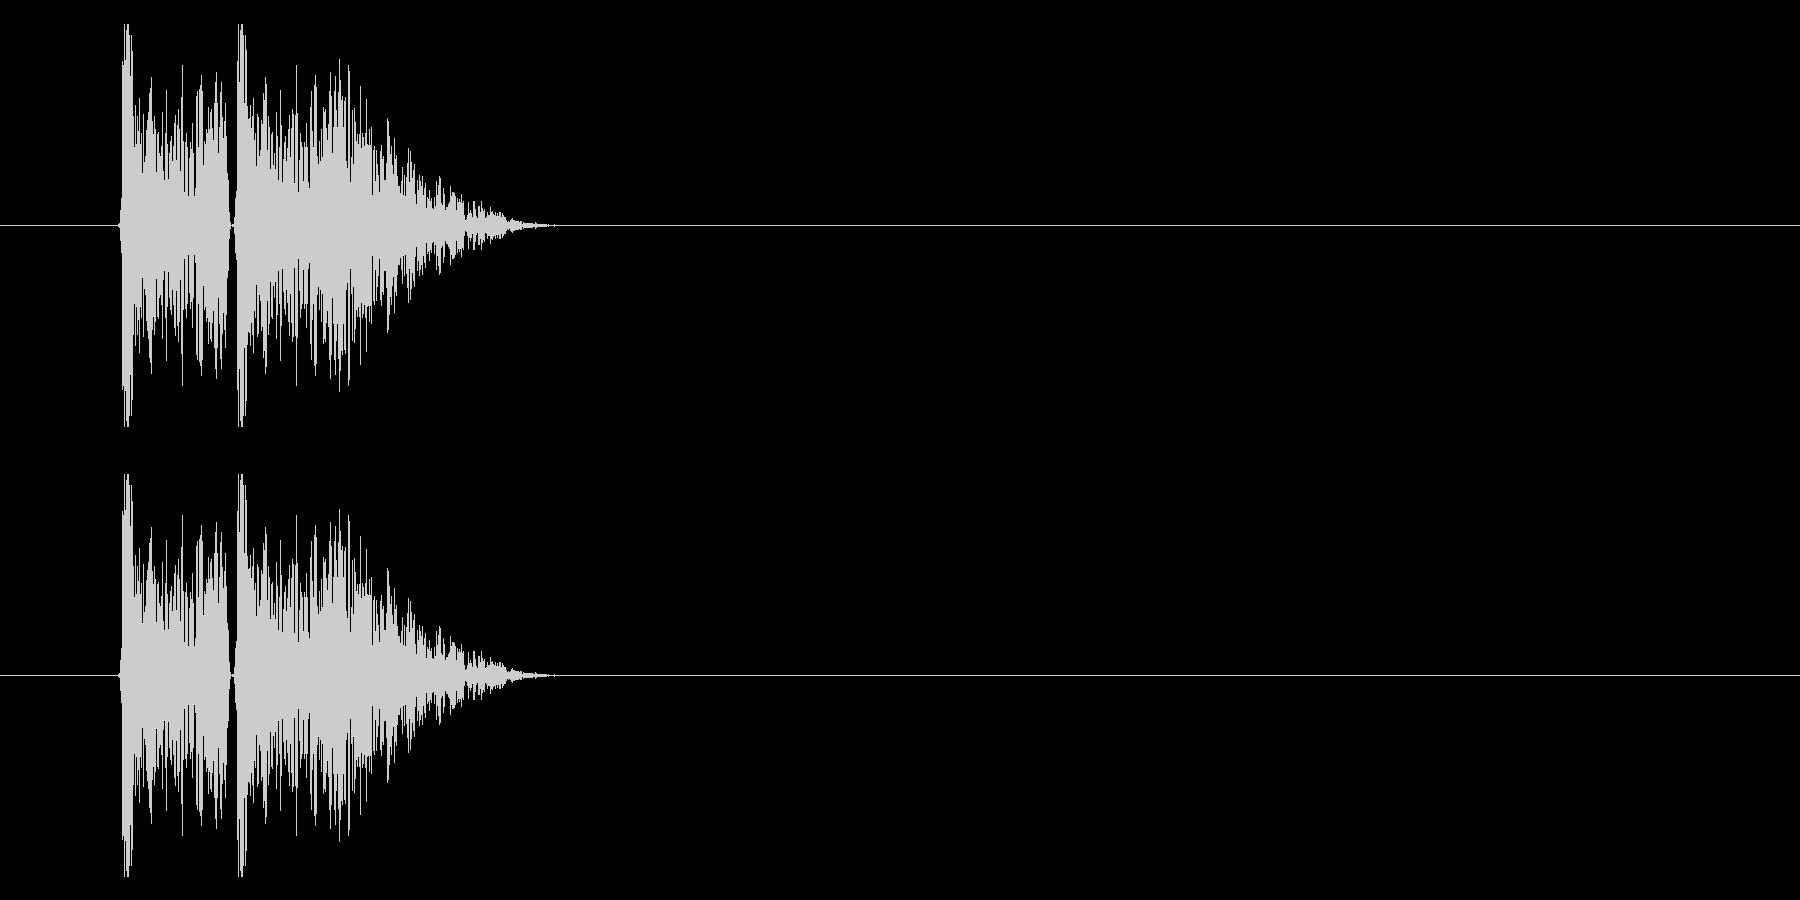 打撃09-2の未再生の波形